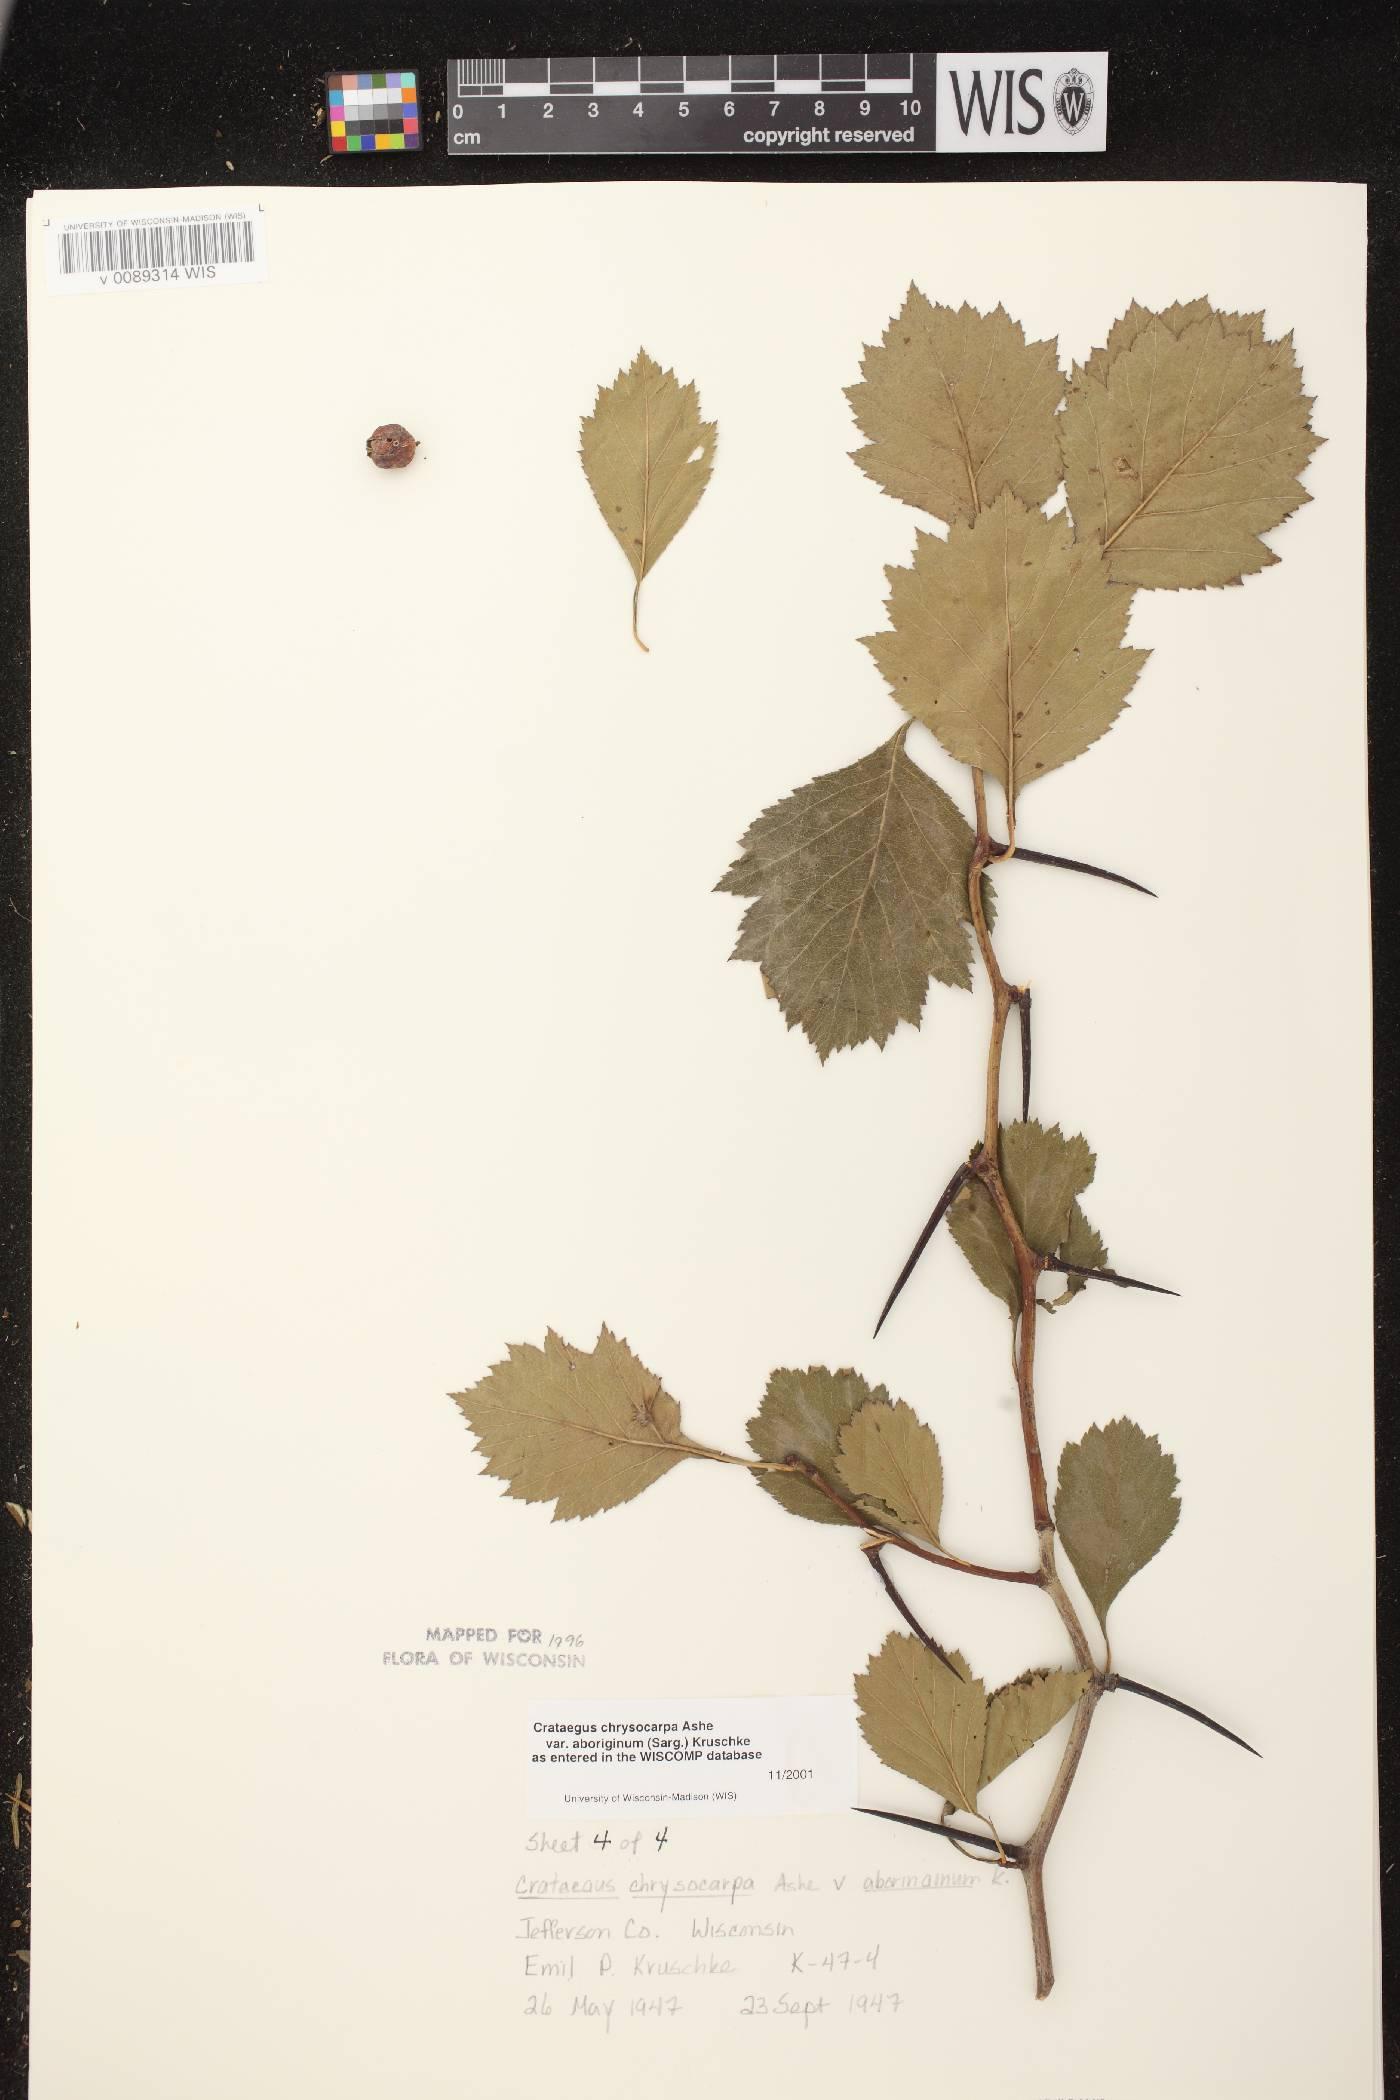 Crataegus chrysocarpa var. chrysocarpa image